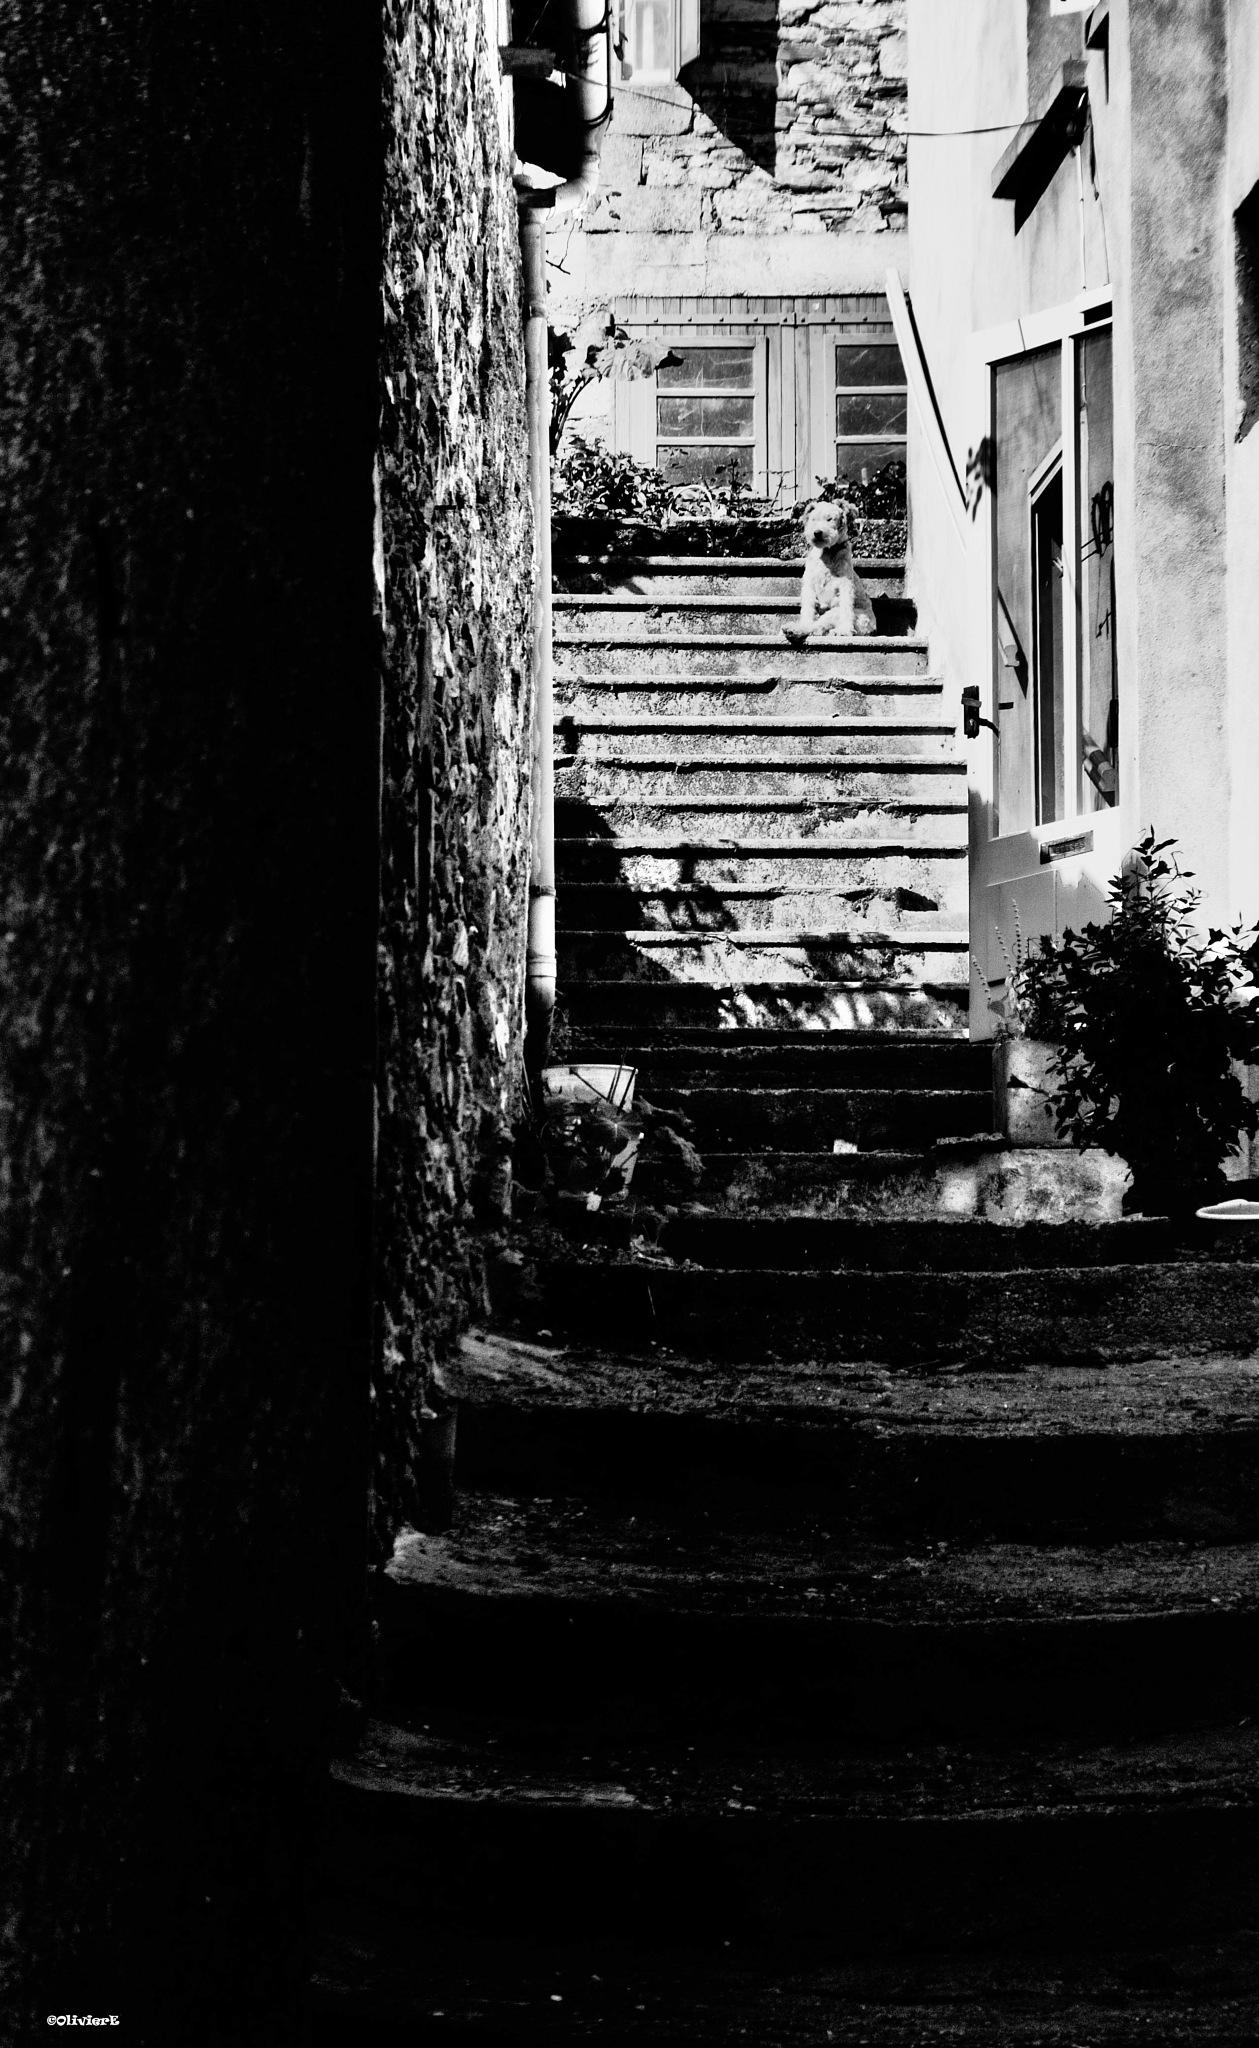 le chien en haut de l escalier by olivier evenisse